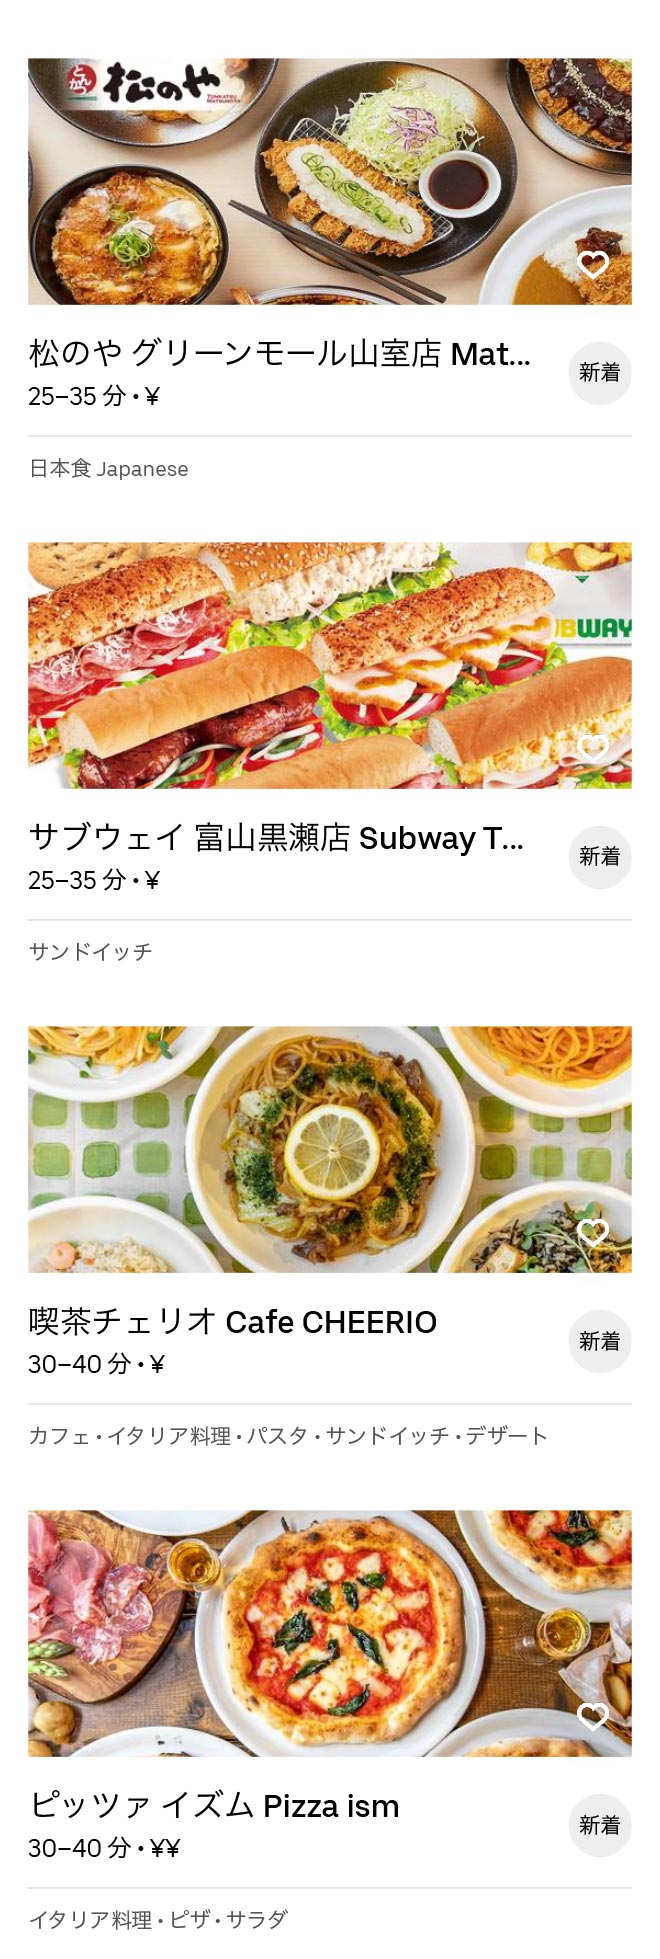 Minami toyama menu 2004 02